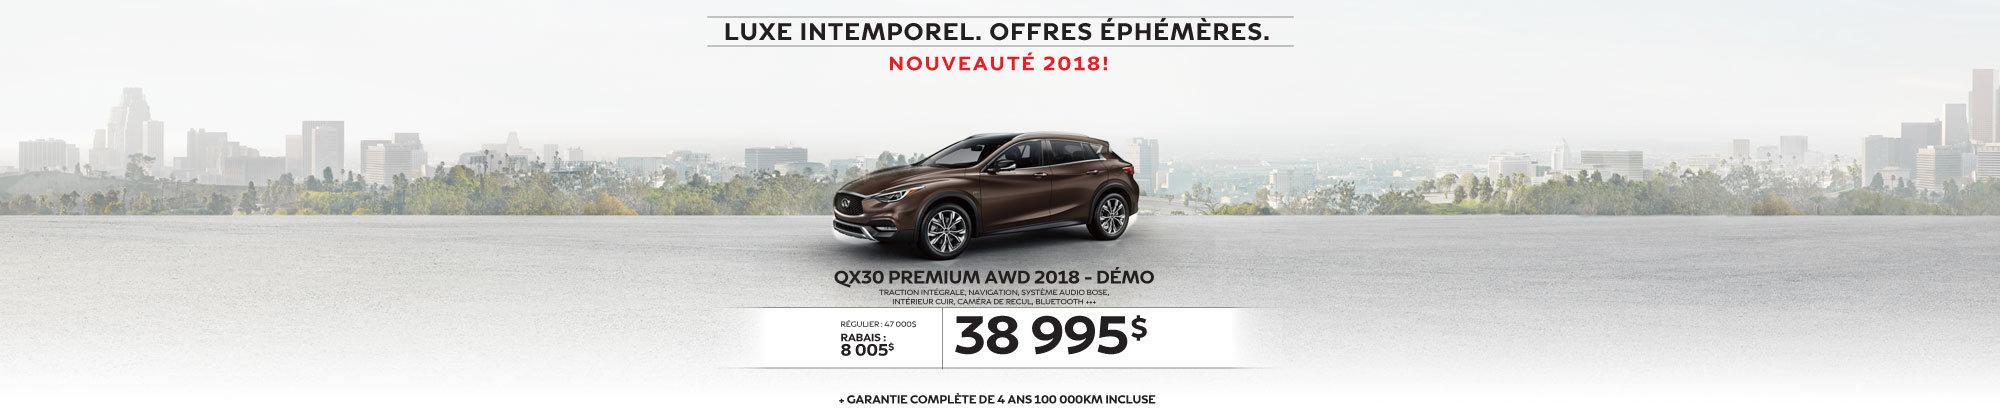 Le tout nouveau QX30 PREMIUM AWD 2018 démo web